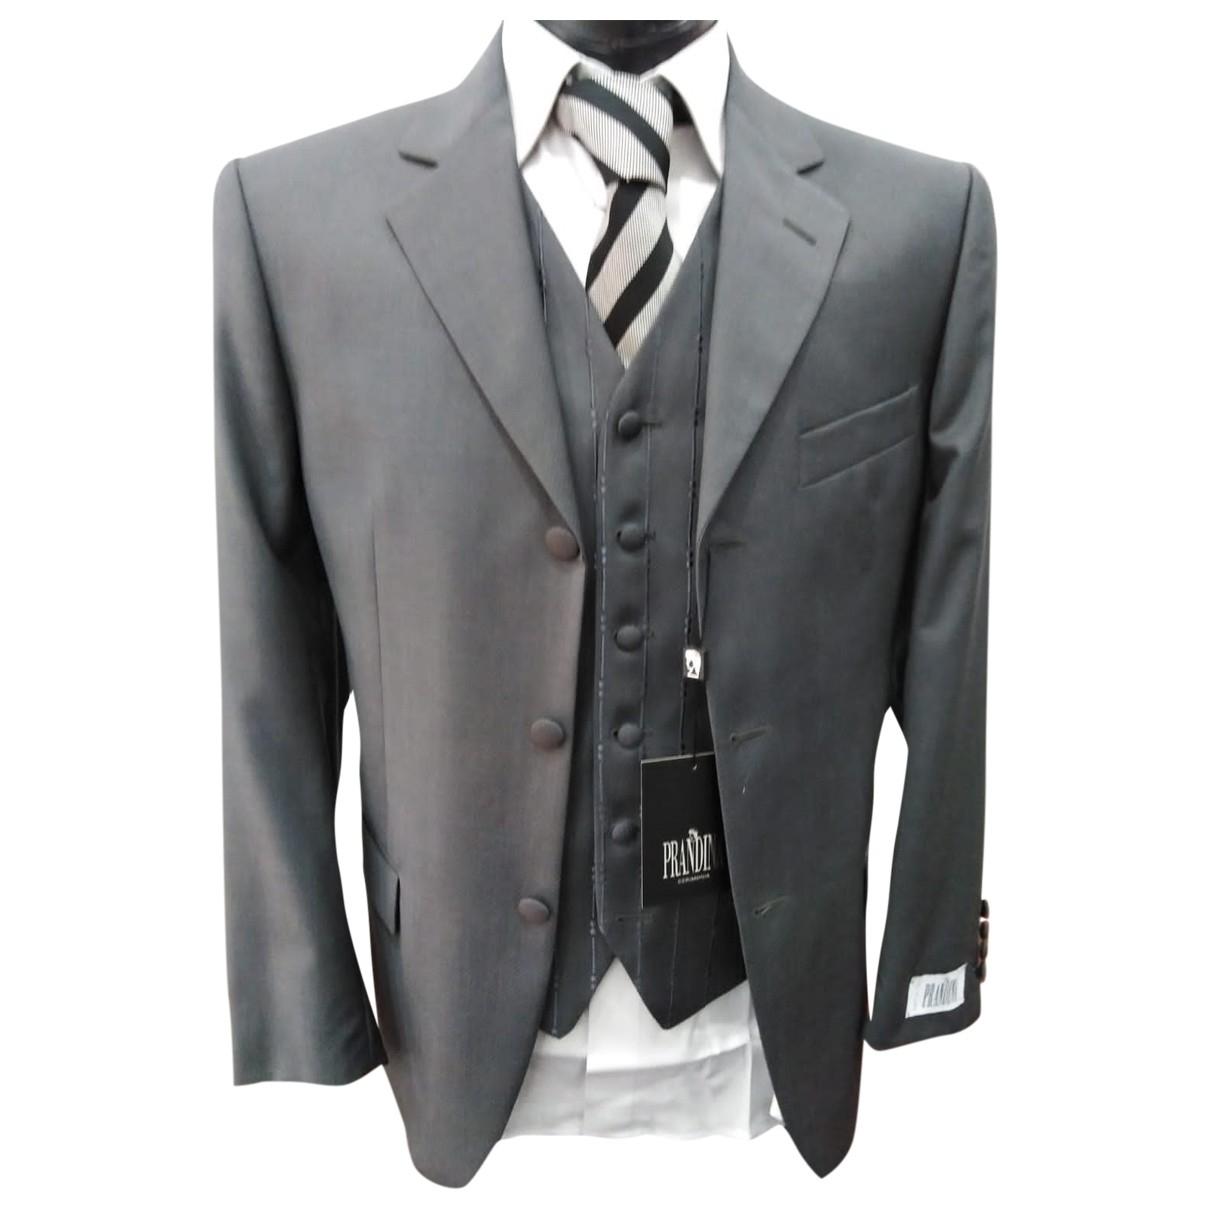 Prandina \N Anzuege in  Grau Wolle